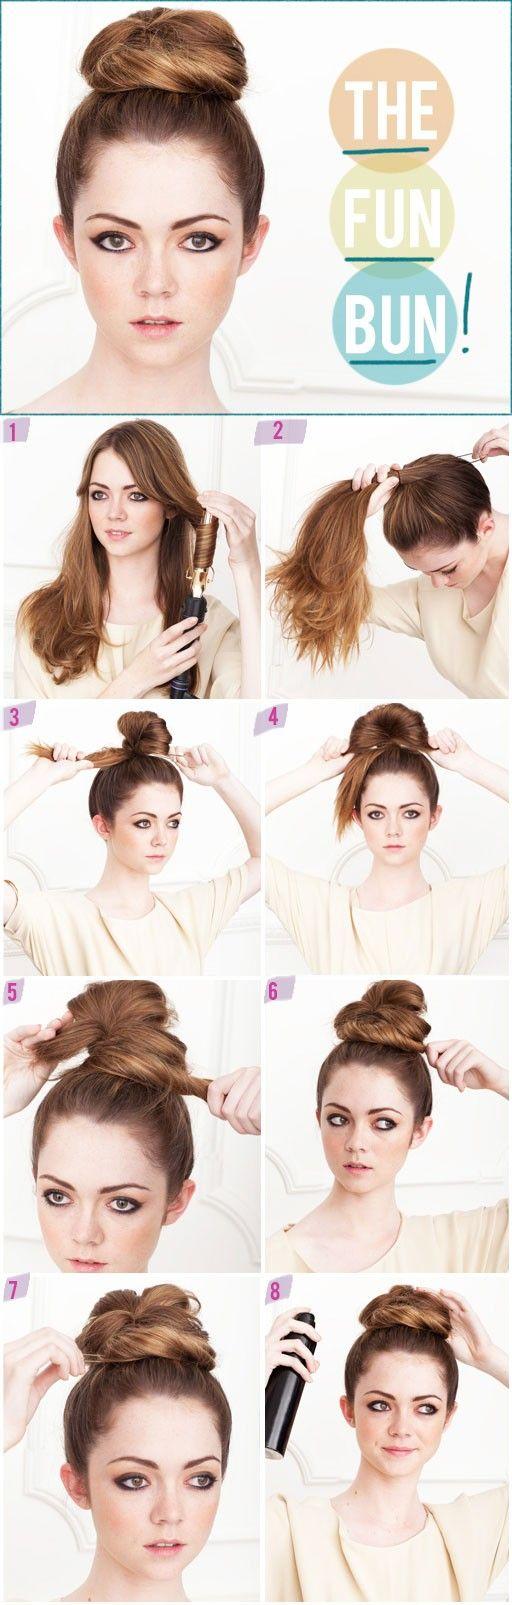 High bun: Fun Buns, Long Hair, Hair Tutorial, Messy Buns, Hairstyle, Hair Style, Buns Tutorial, Hair Buns, High Bun